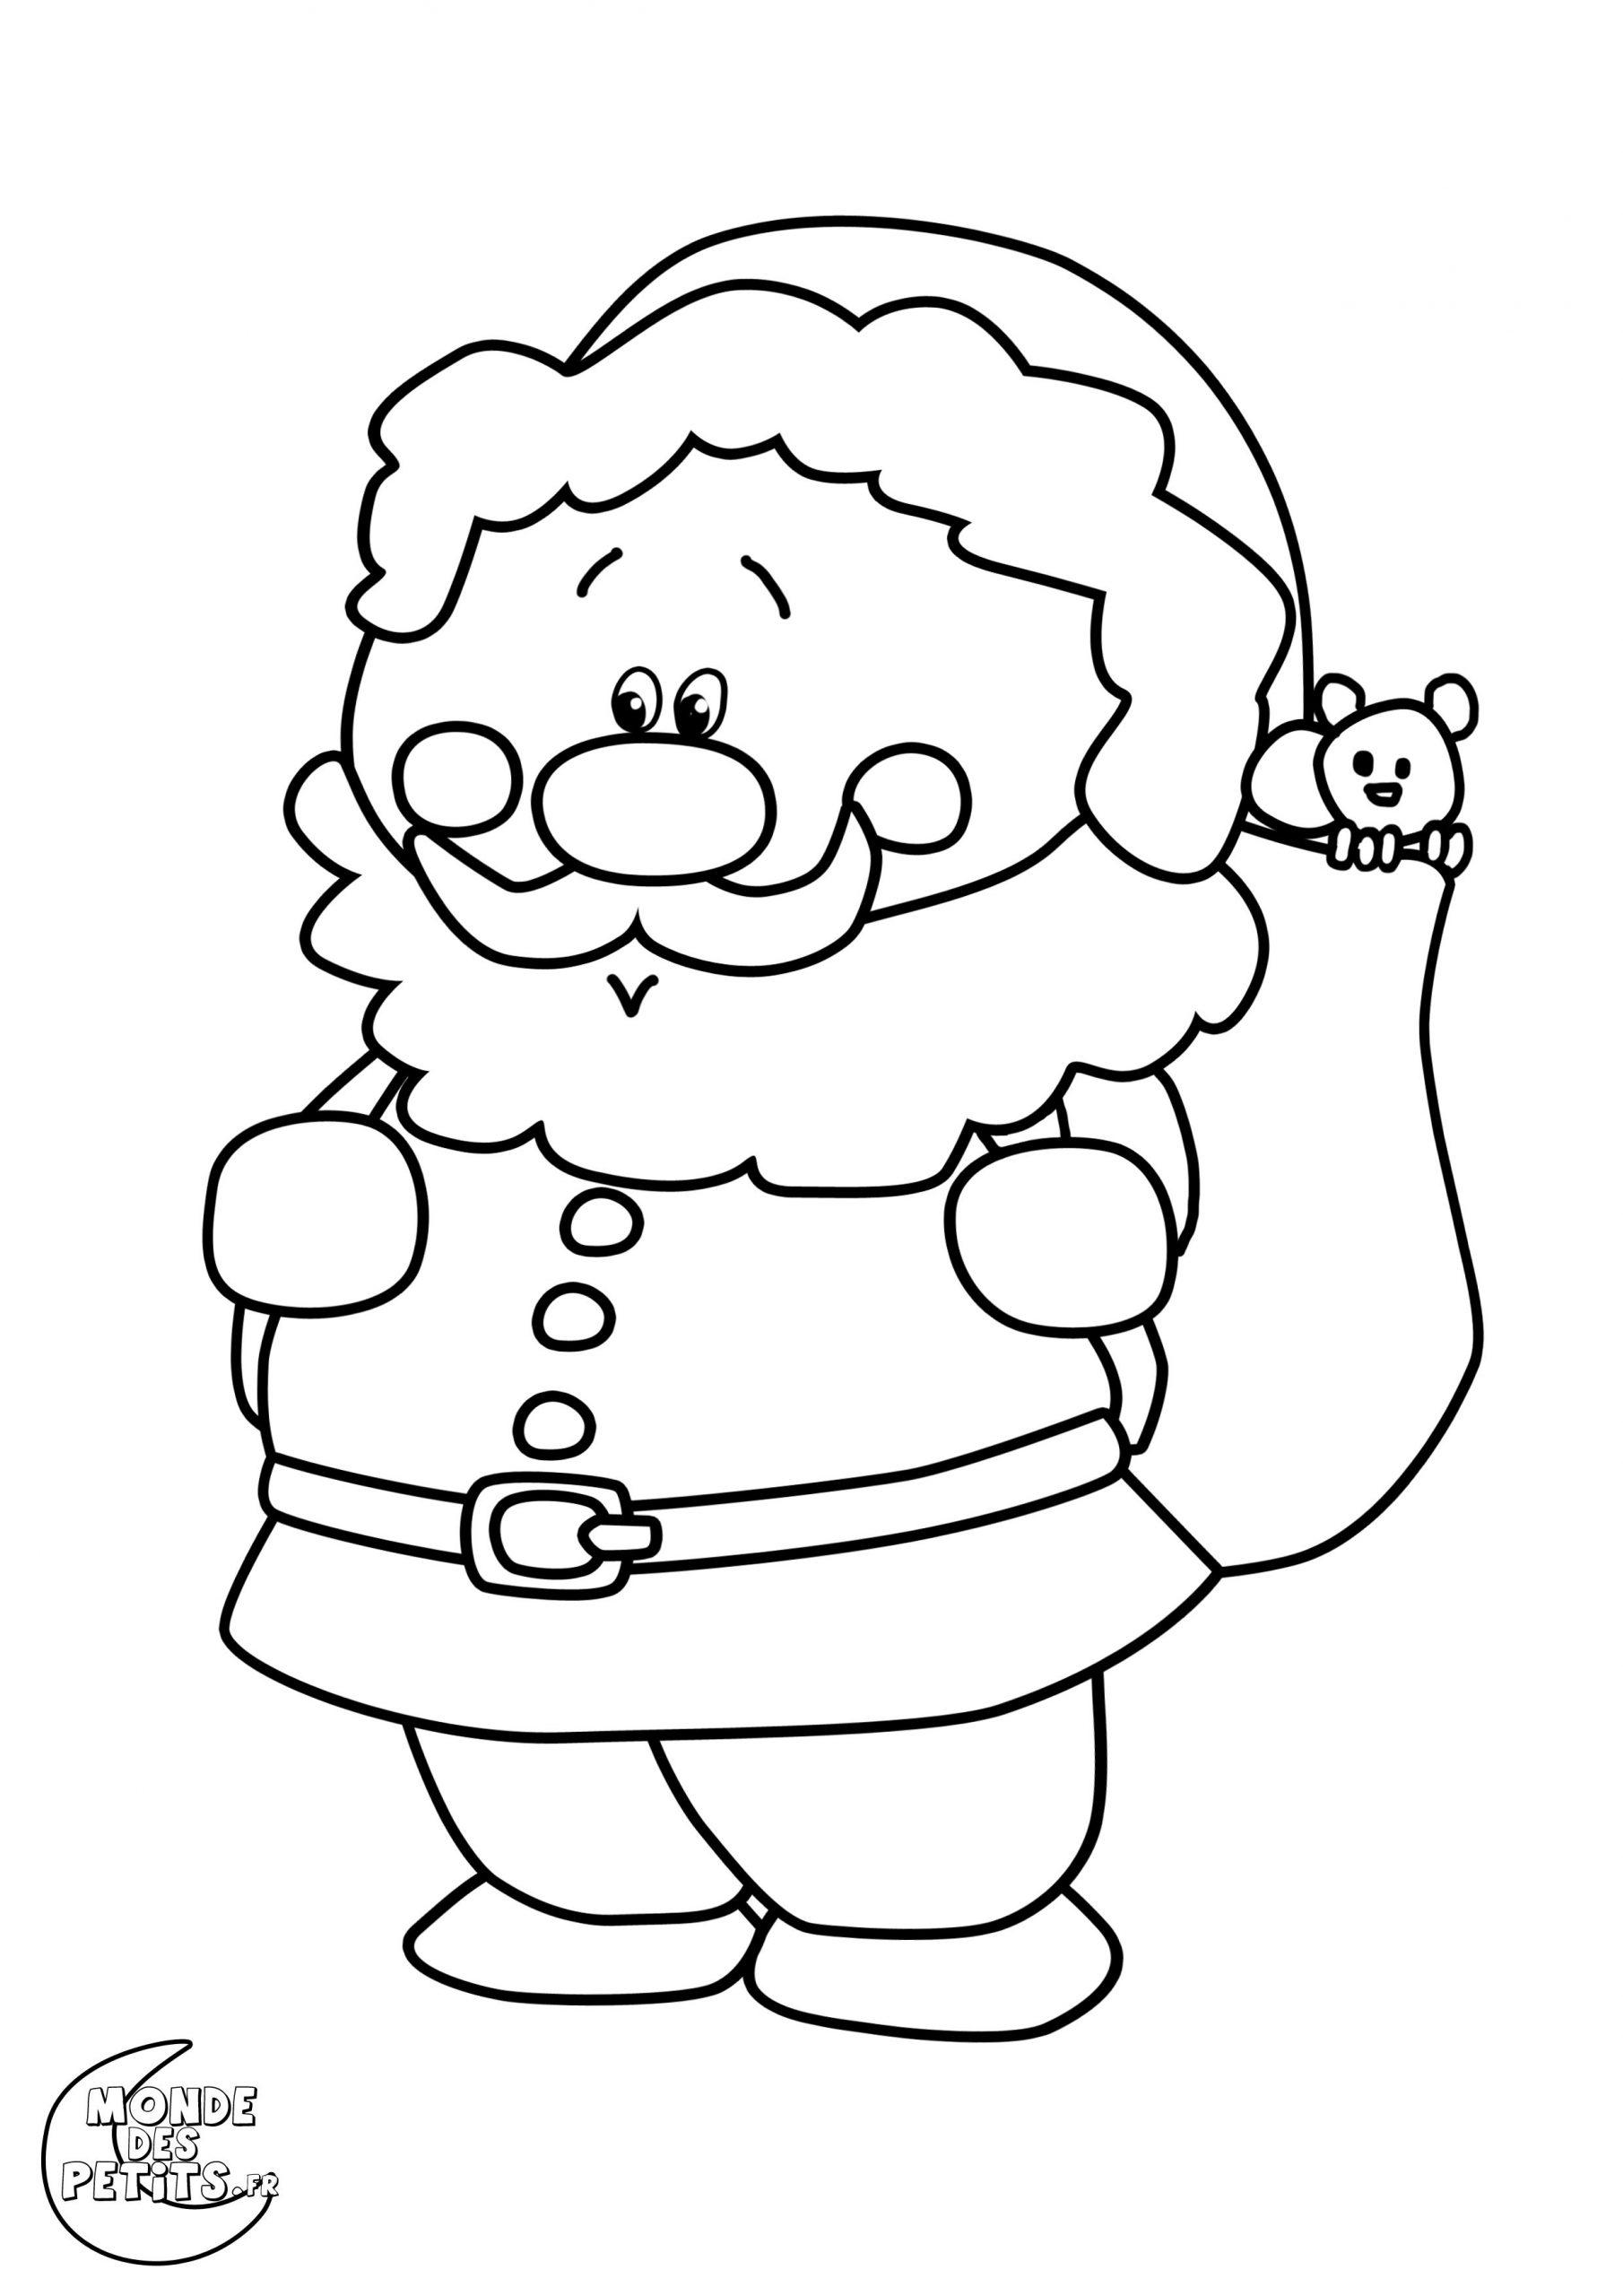 Coloriage-Noel-Pere (2480×3508) | Coloriage Noel dedans Coloriage De Pere Noel A Imprimer Gratuitement